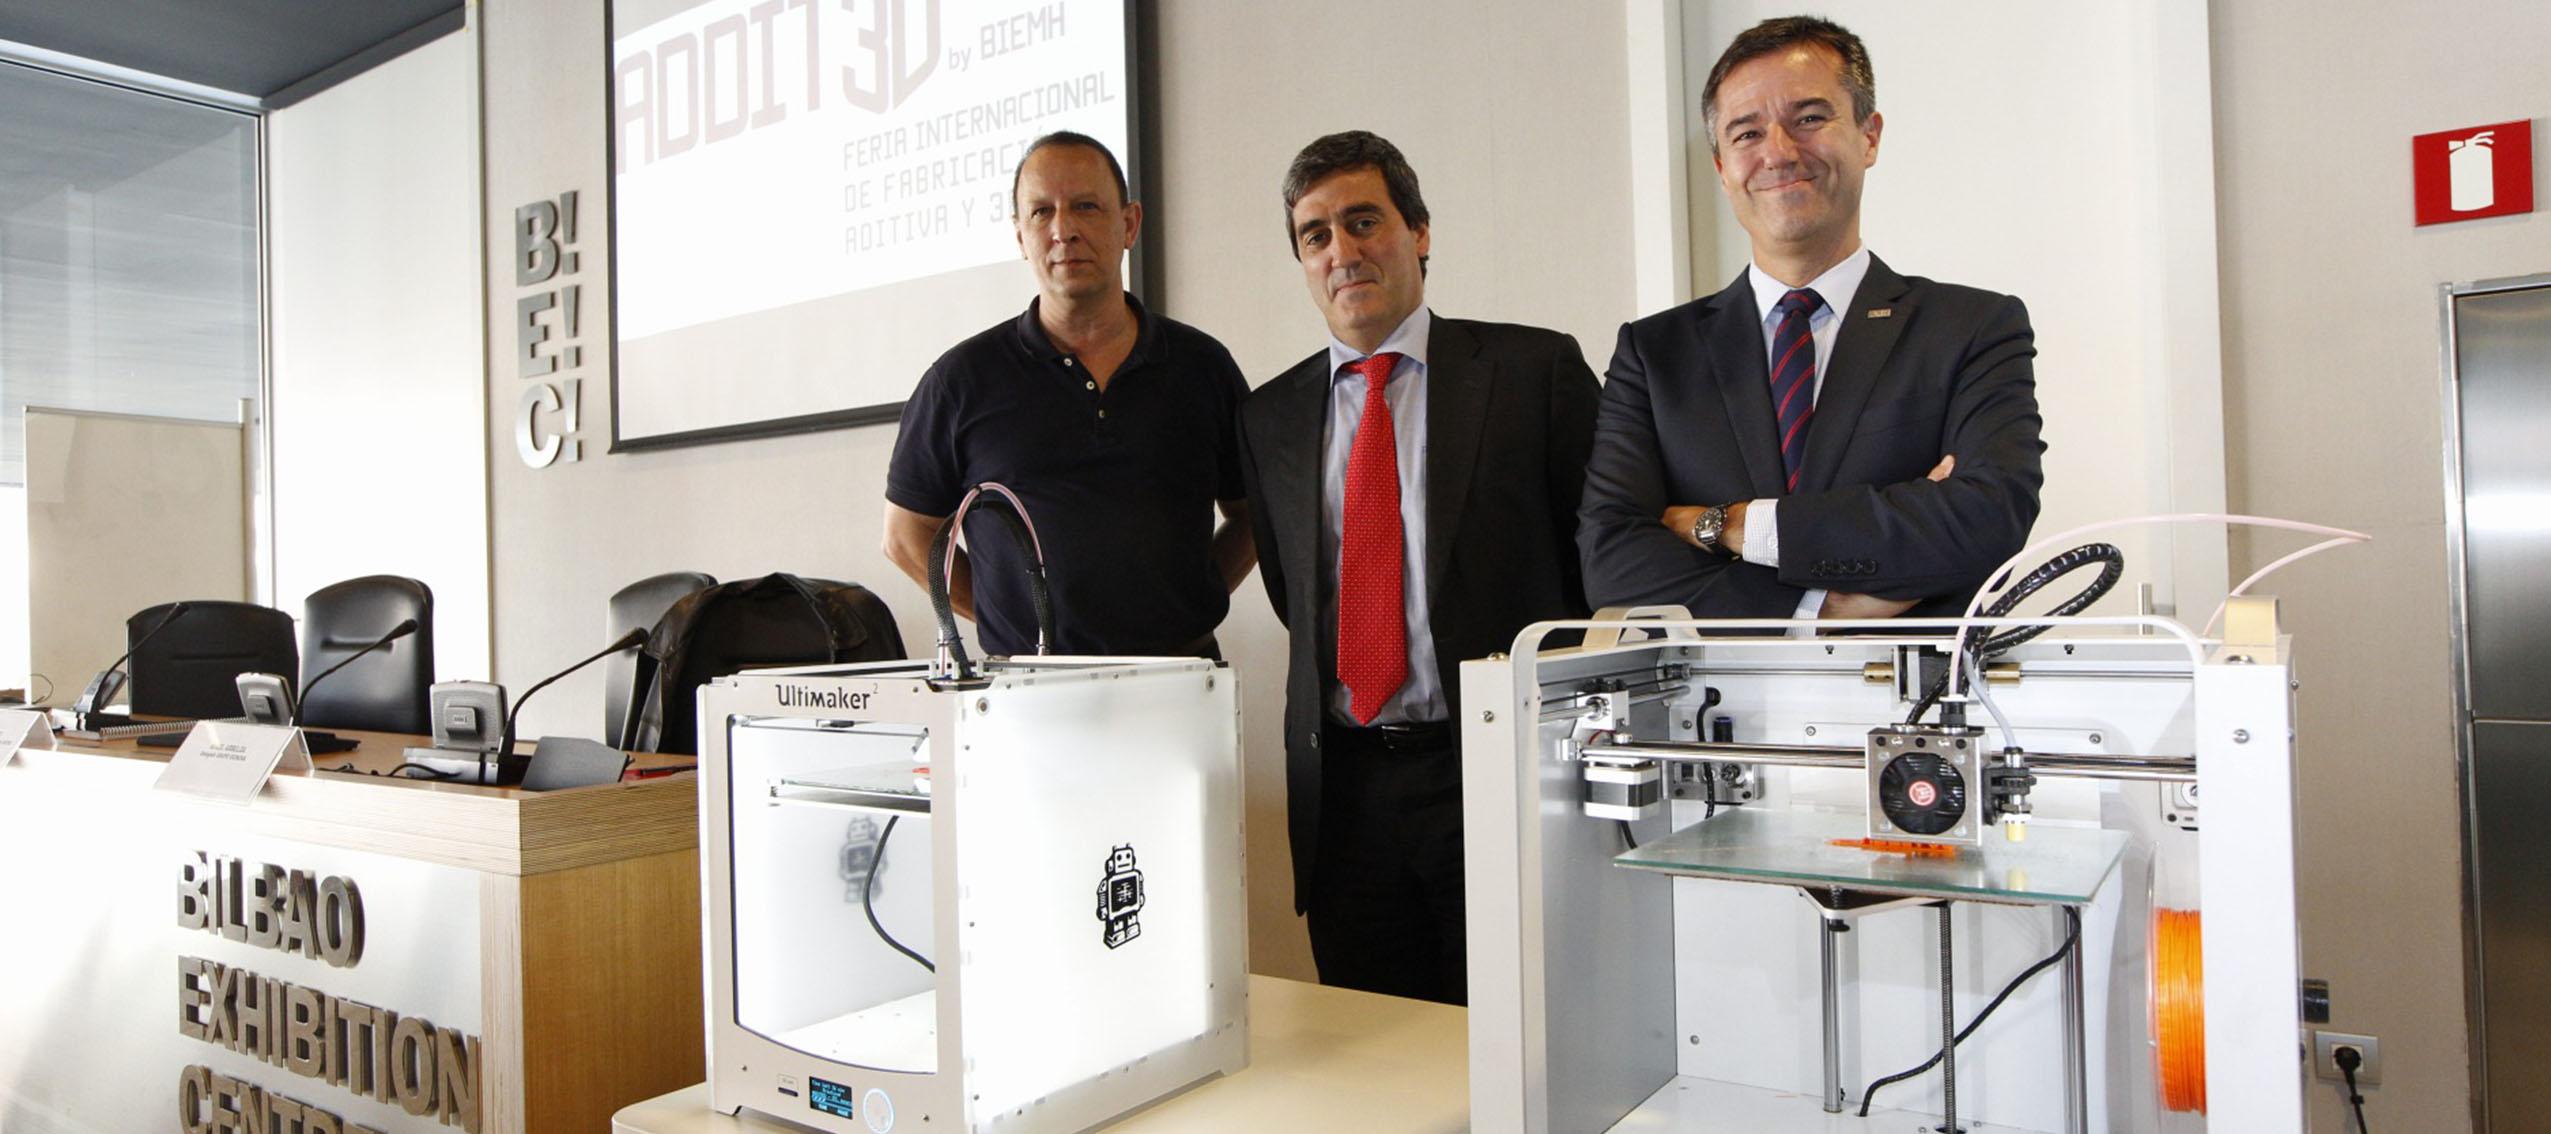 Addit3d, primera feria profesional de fabricación aditiva y 3D